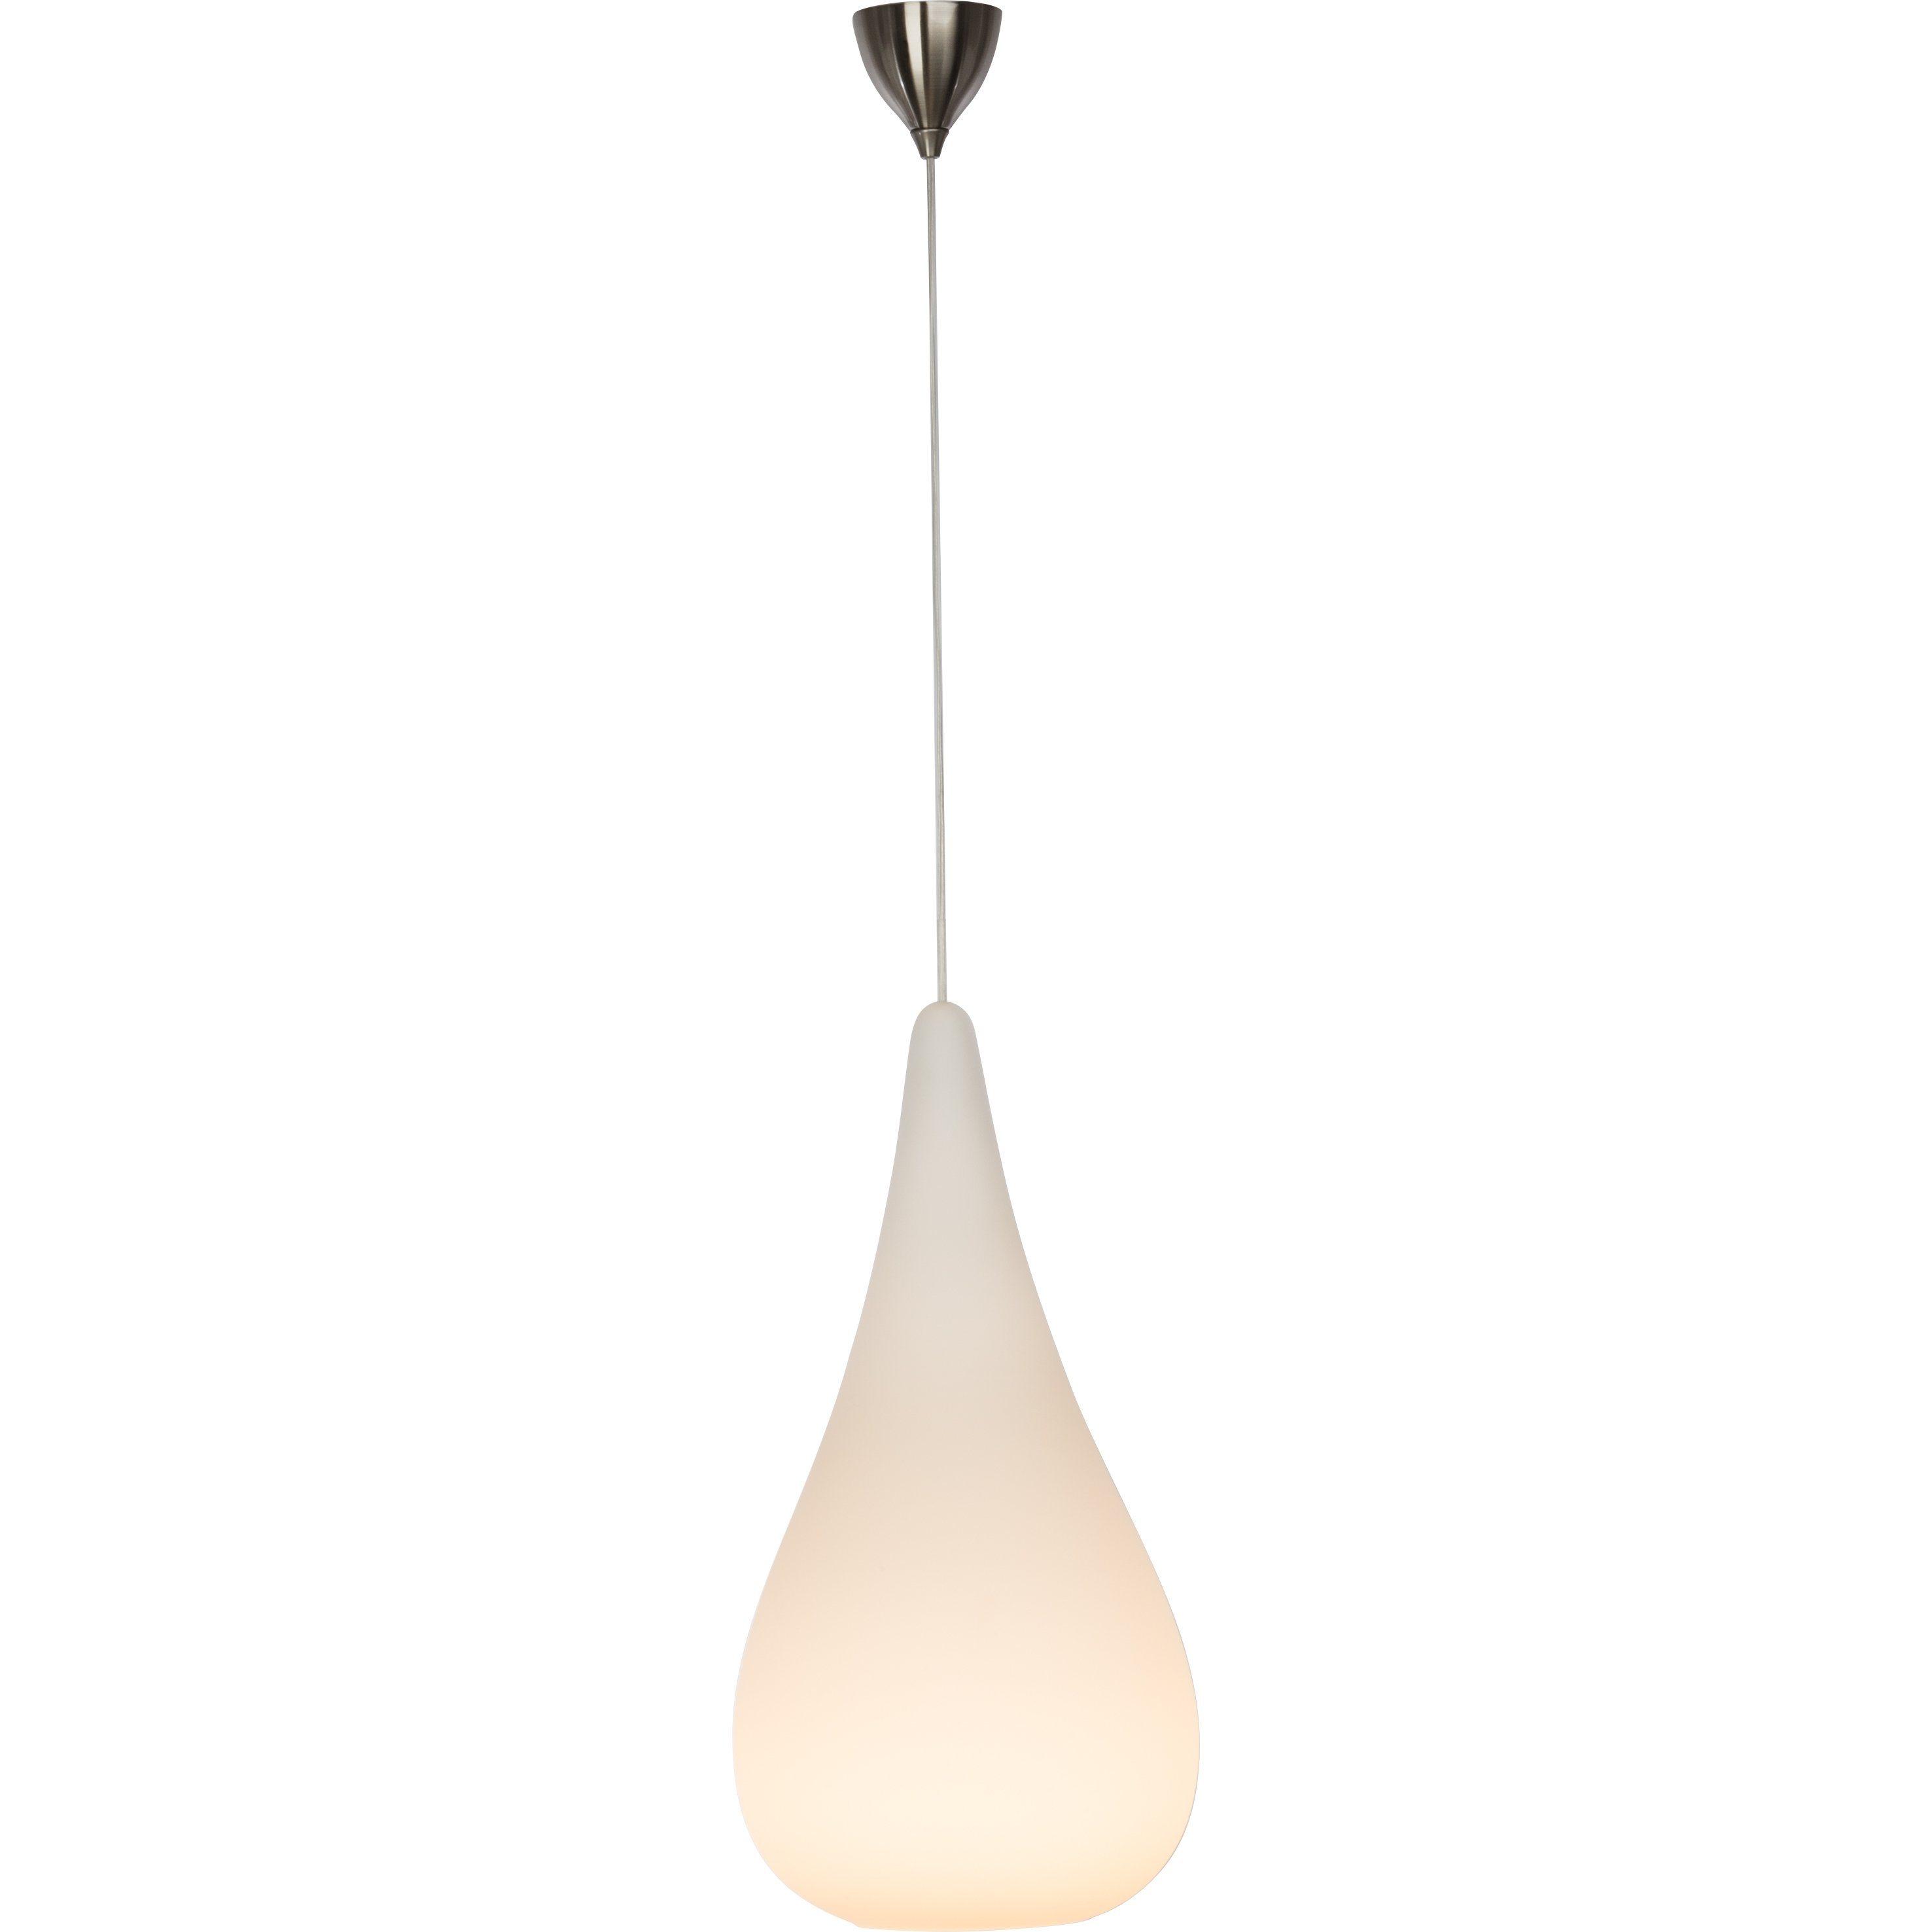 exceptional einfache dekoration und mobel lampen design carpyen #1: Brilliant Leuchten Icedrop Pendelleuchte 20cm 1flg. eisen/weiß